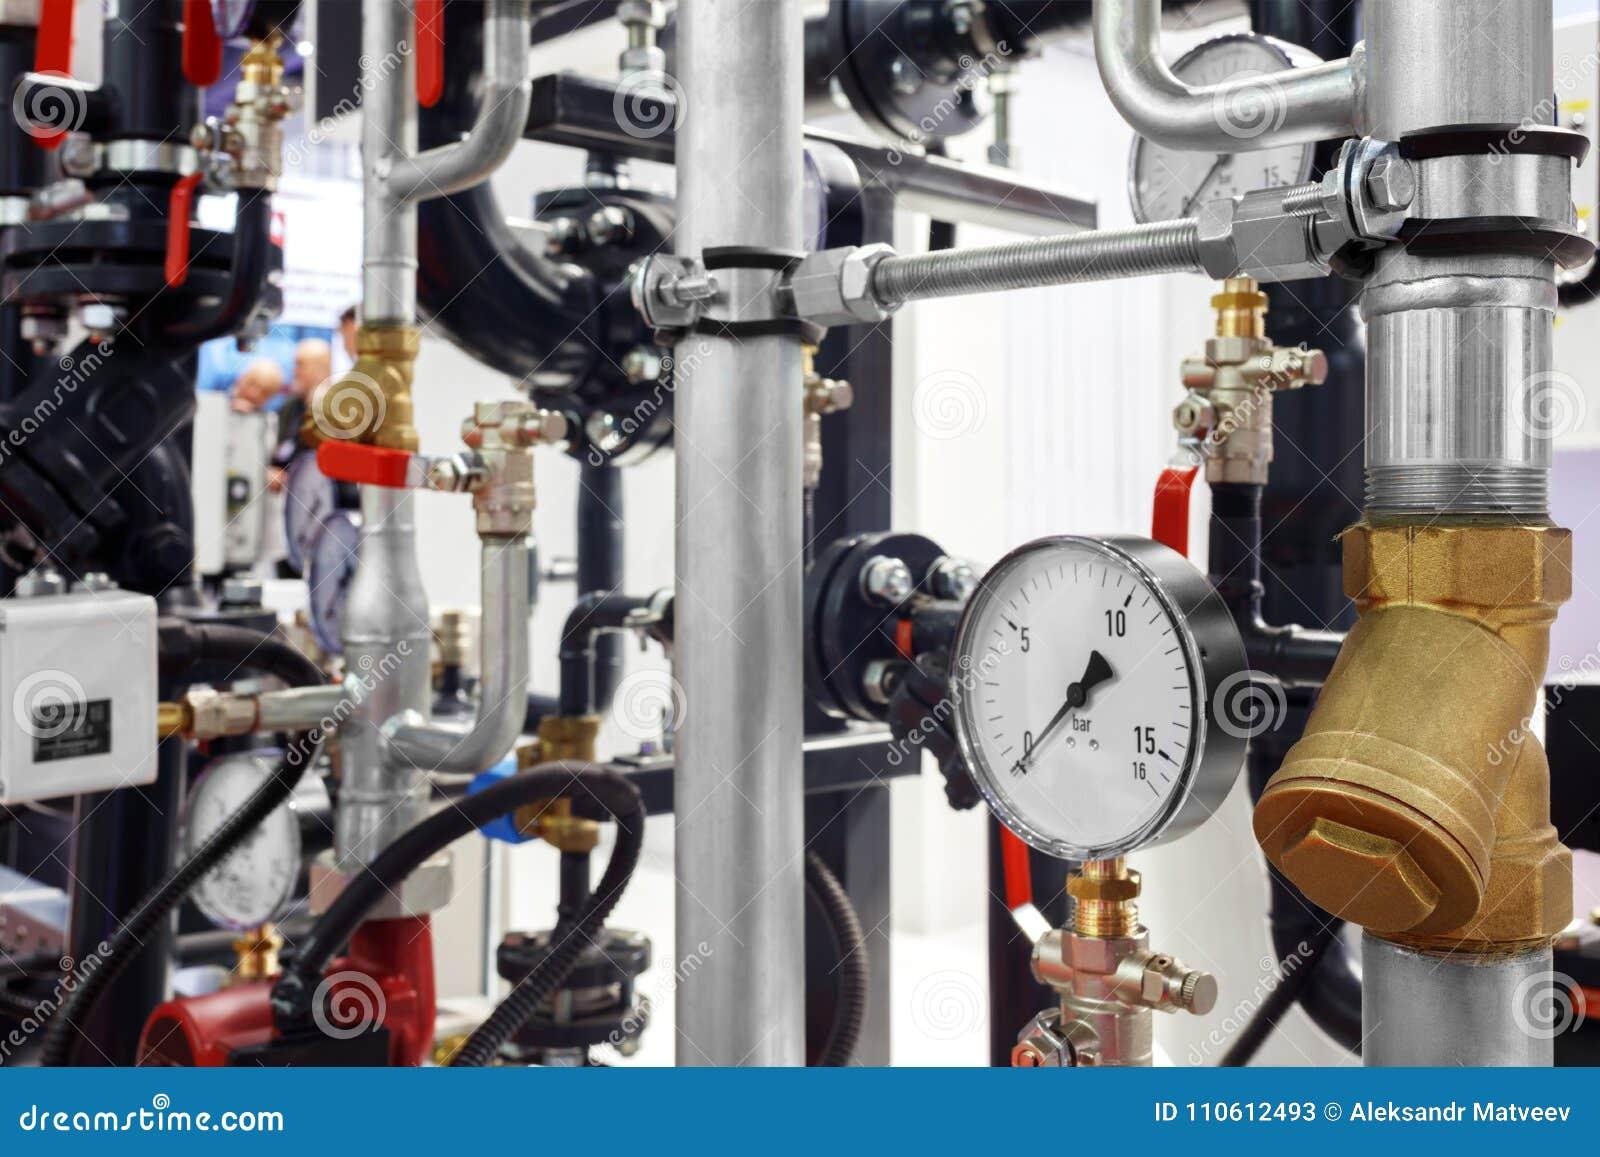 锅炉房子的设备, -阀门,管,压力表,温度计 关闭测压器,管子,流量计,水p